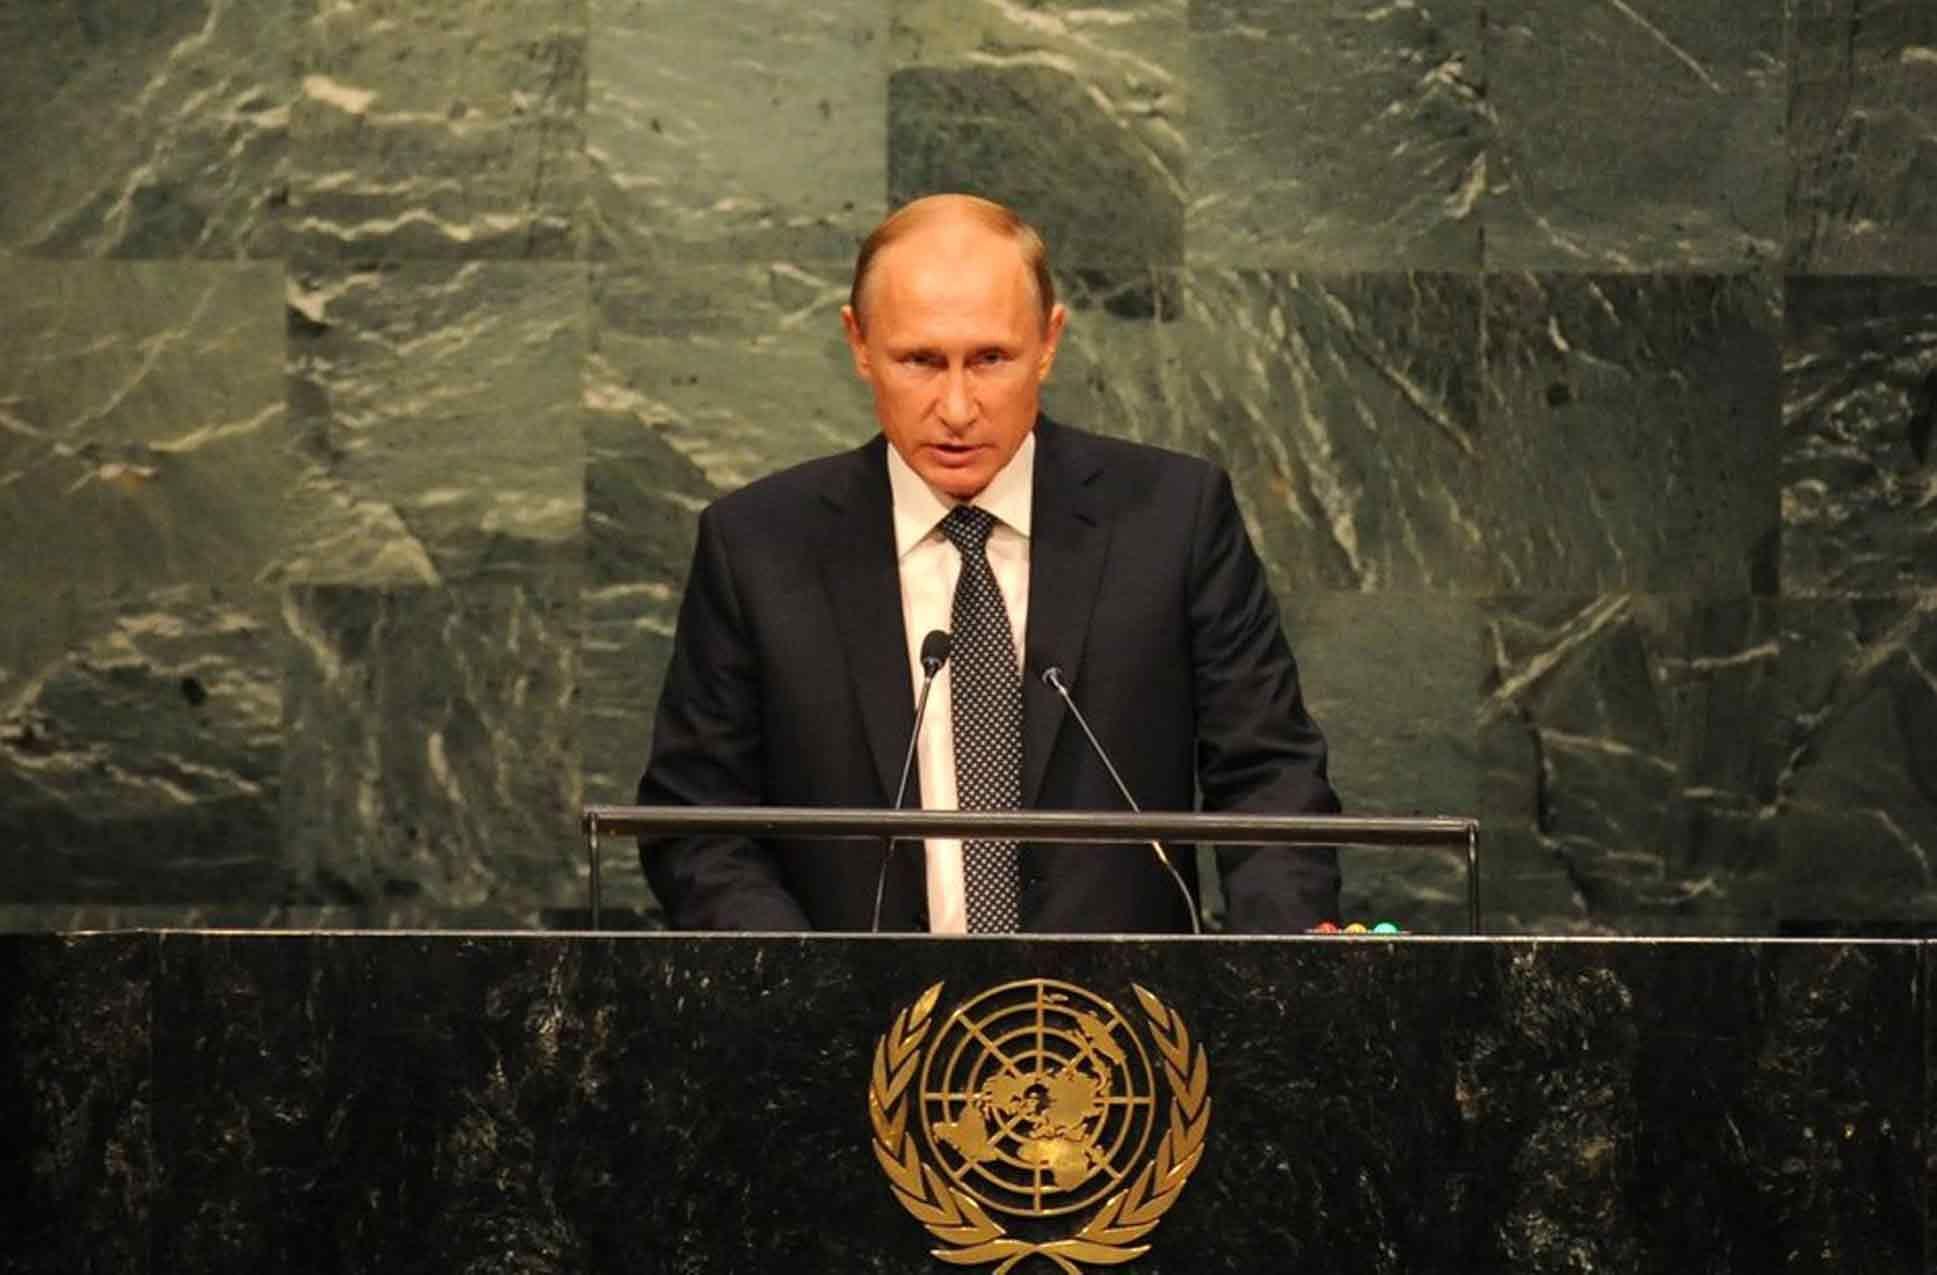 Судный день для западной элиты: о чем на сессии ГА ООН будет говорить Путин